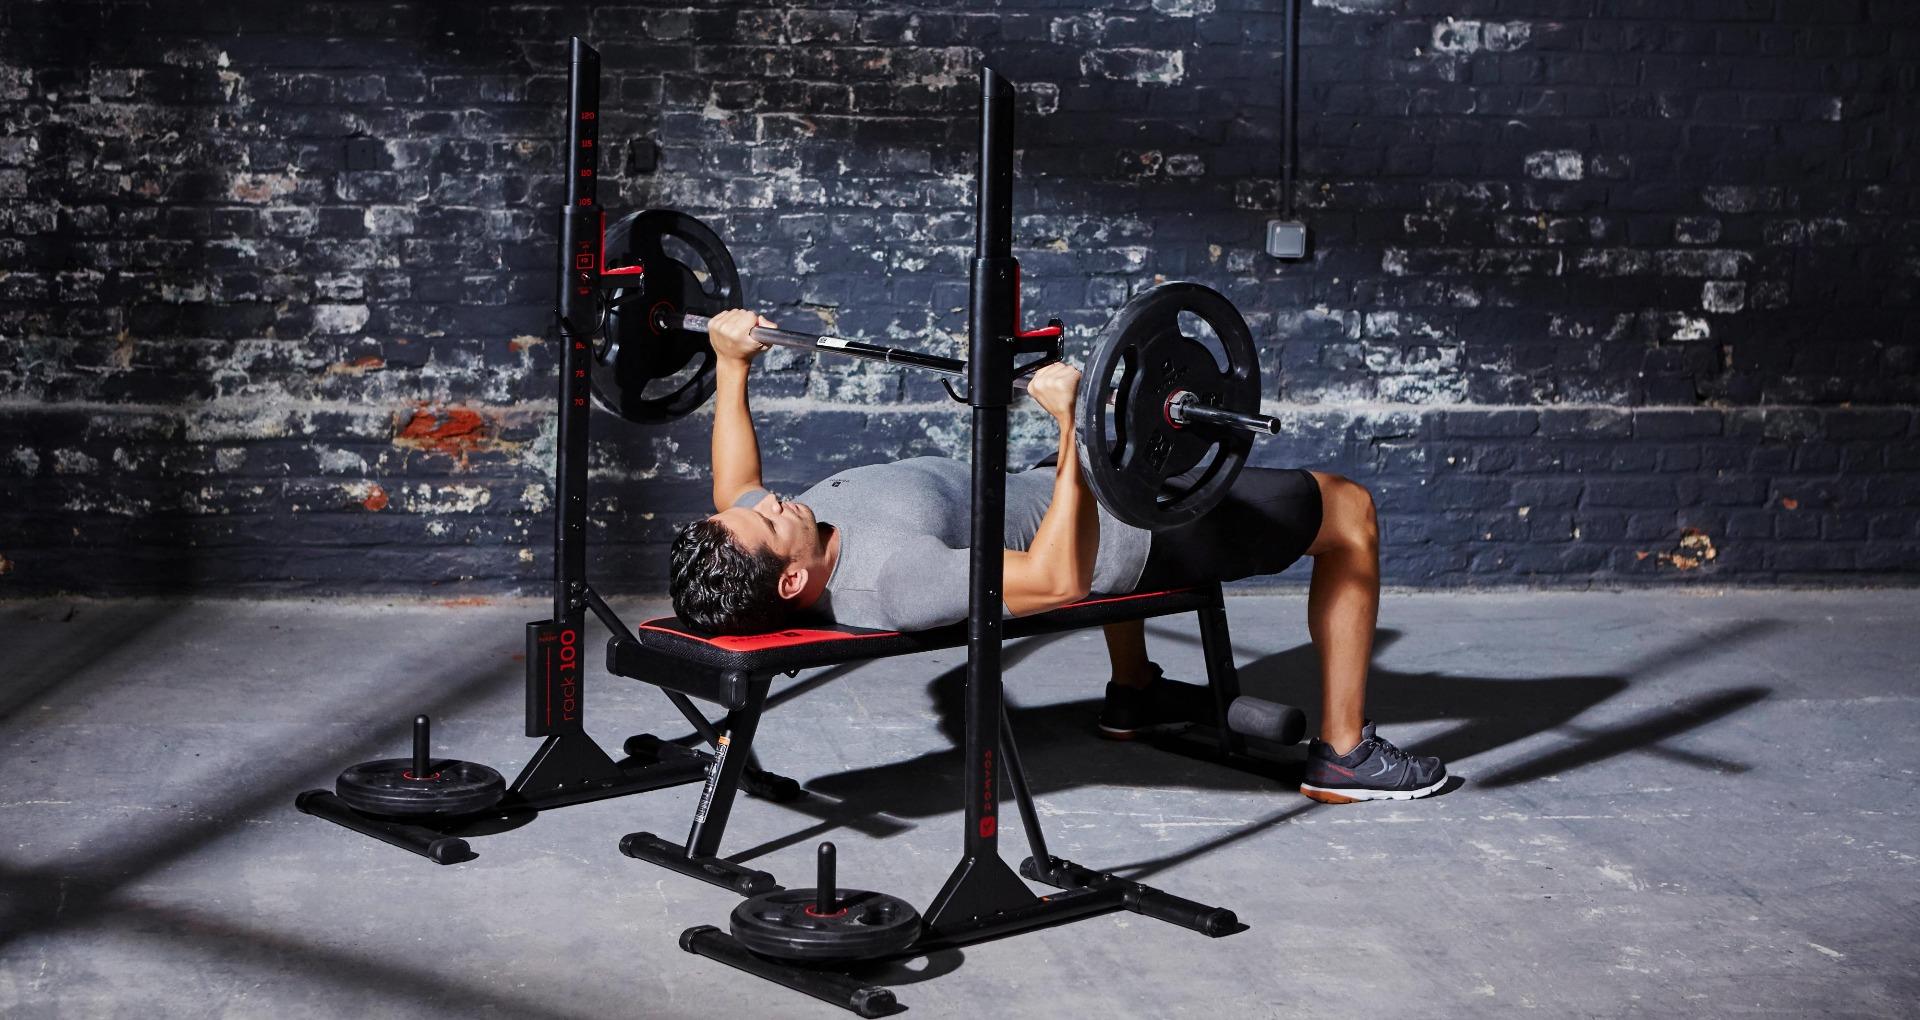 Amenager Une Salle De Bain De 10M2 comment aménager une salle de fitness